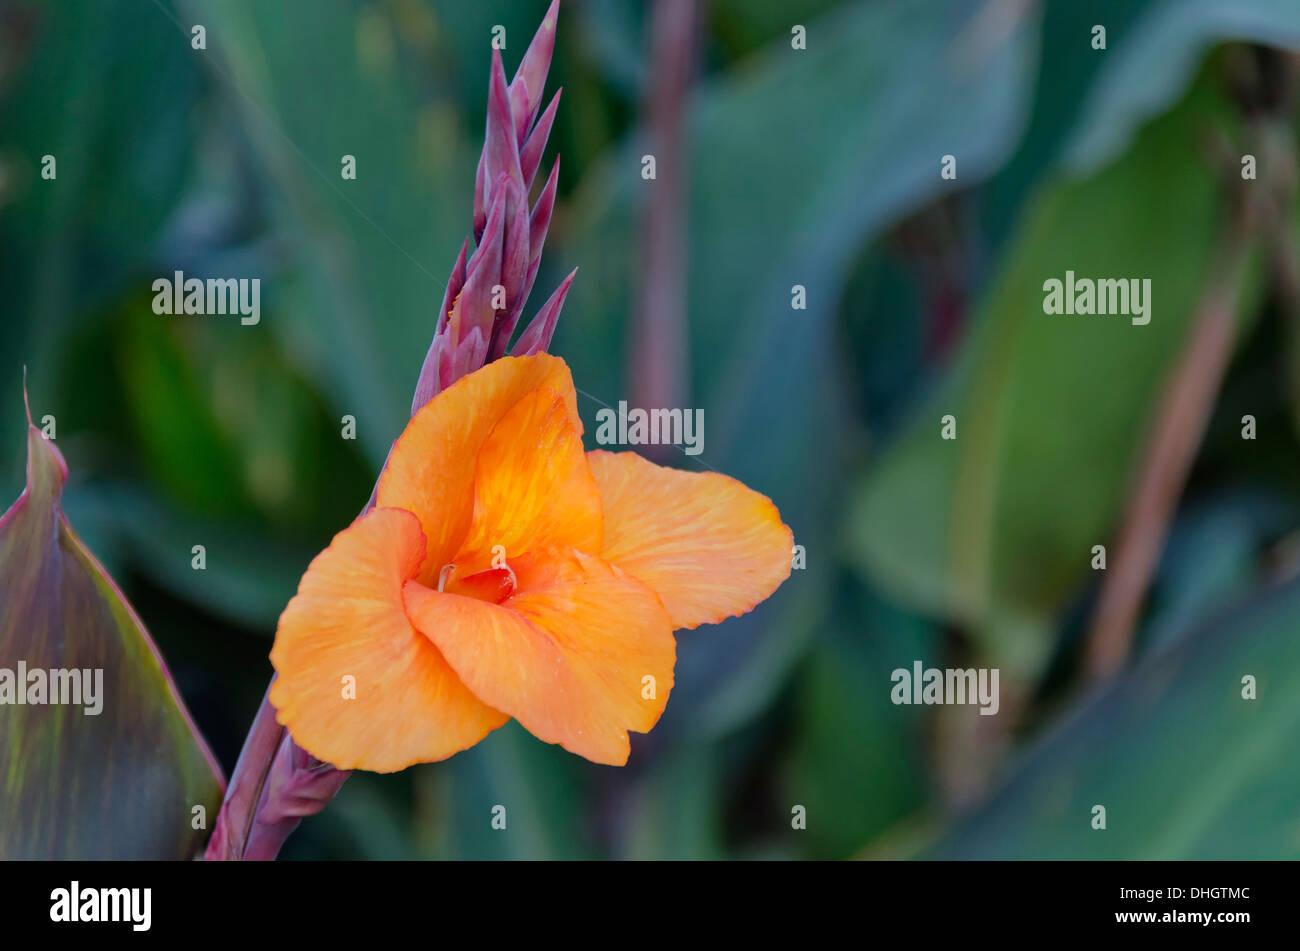 Radiant Canna Giglio Fiore in giardino Immagini Stock